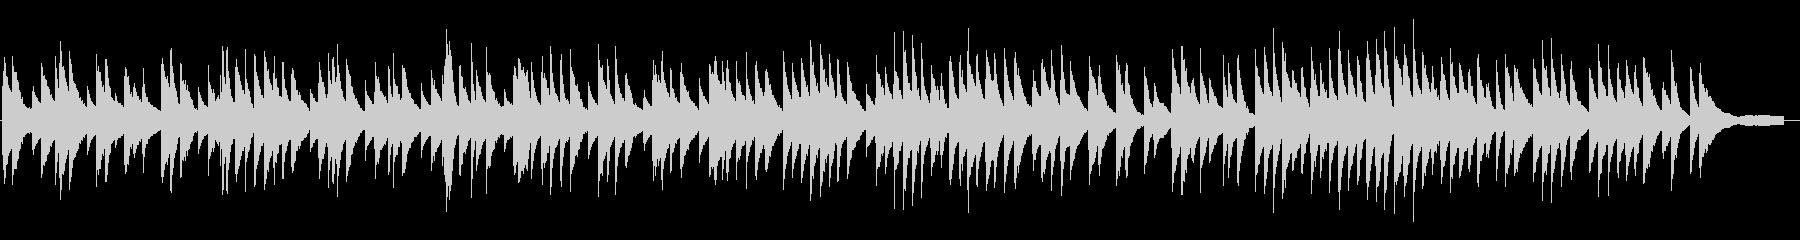 浮遊感のある即興ピアノソロの未再生の波形